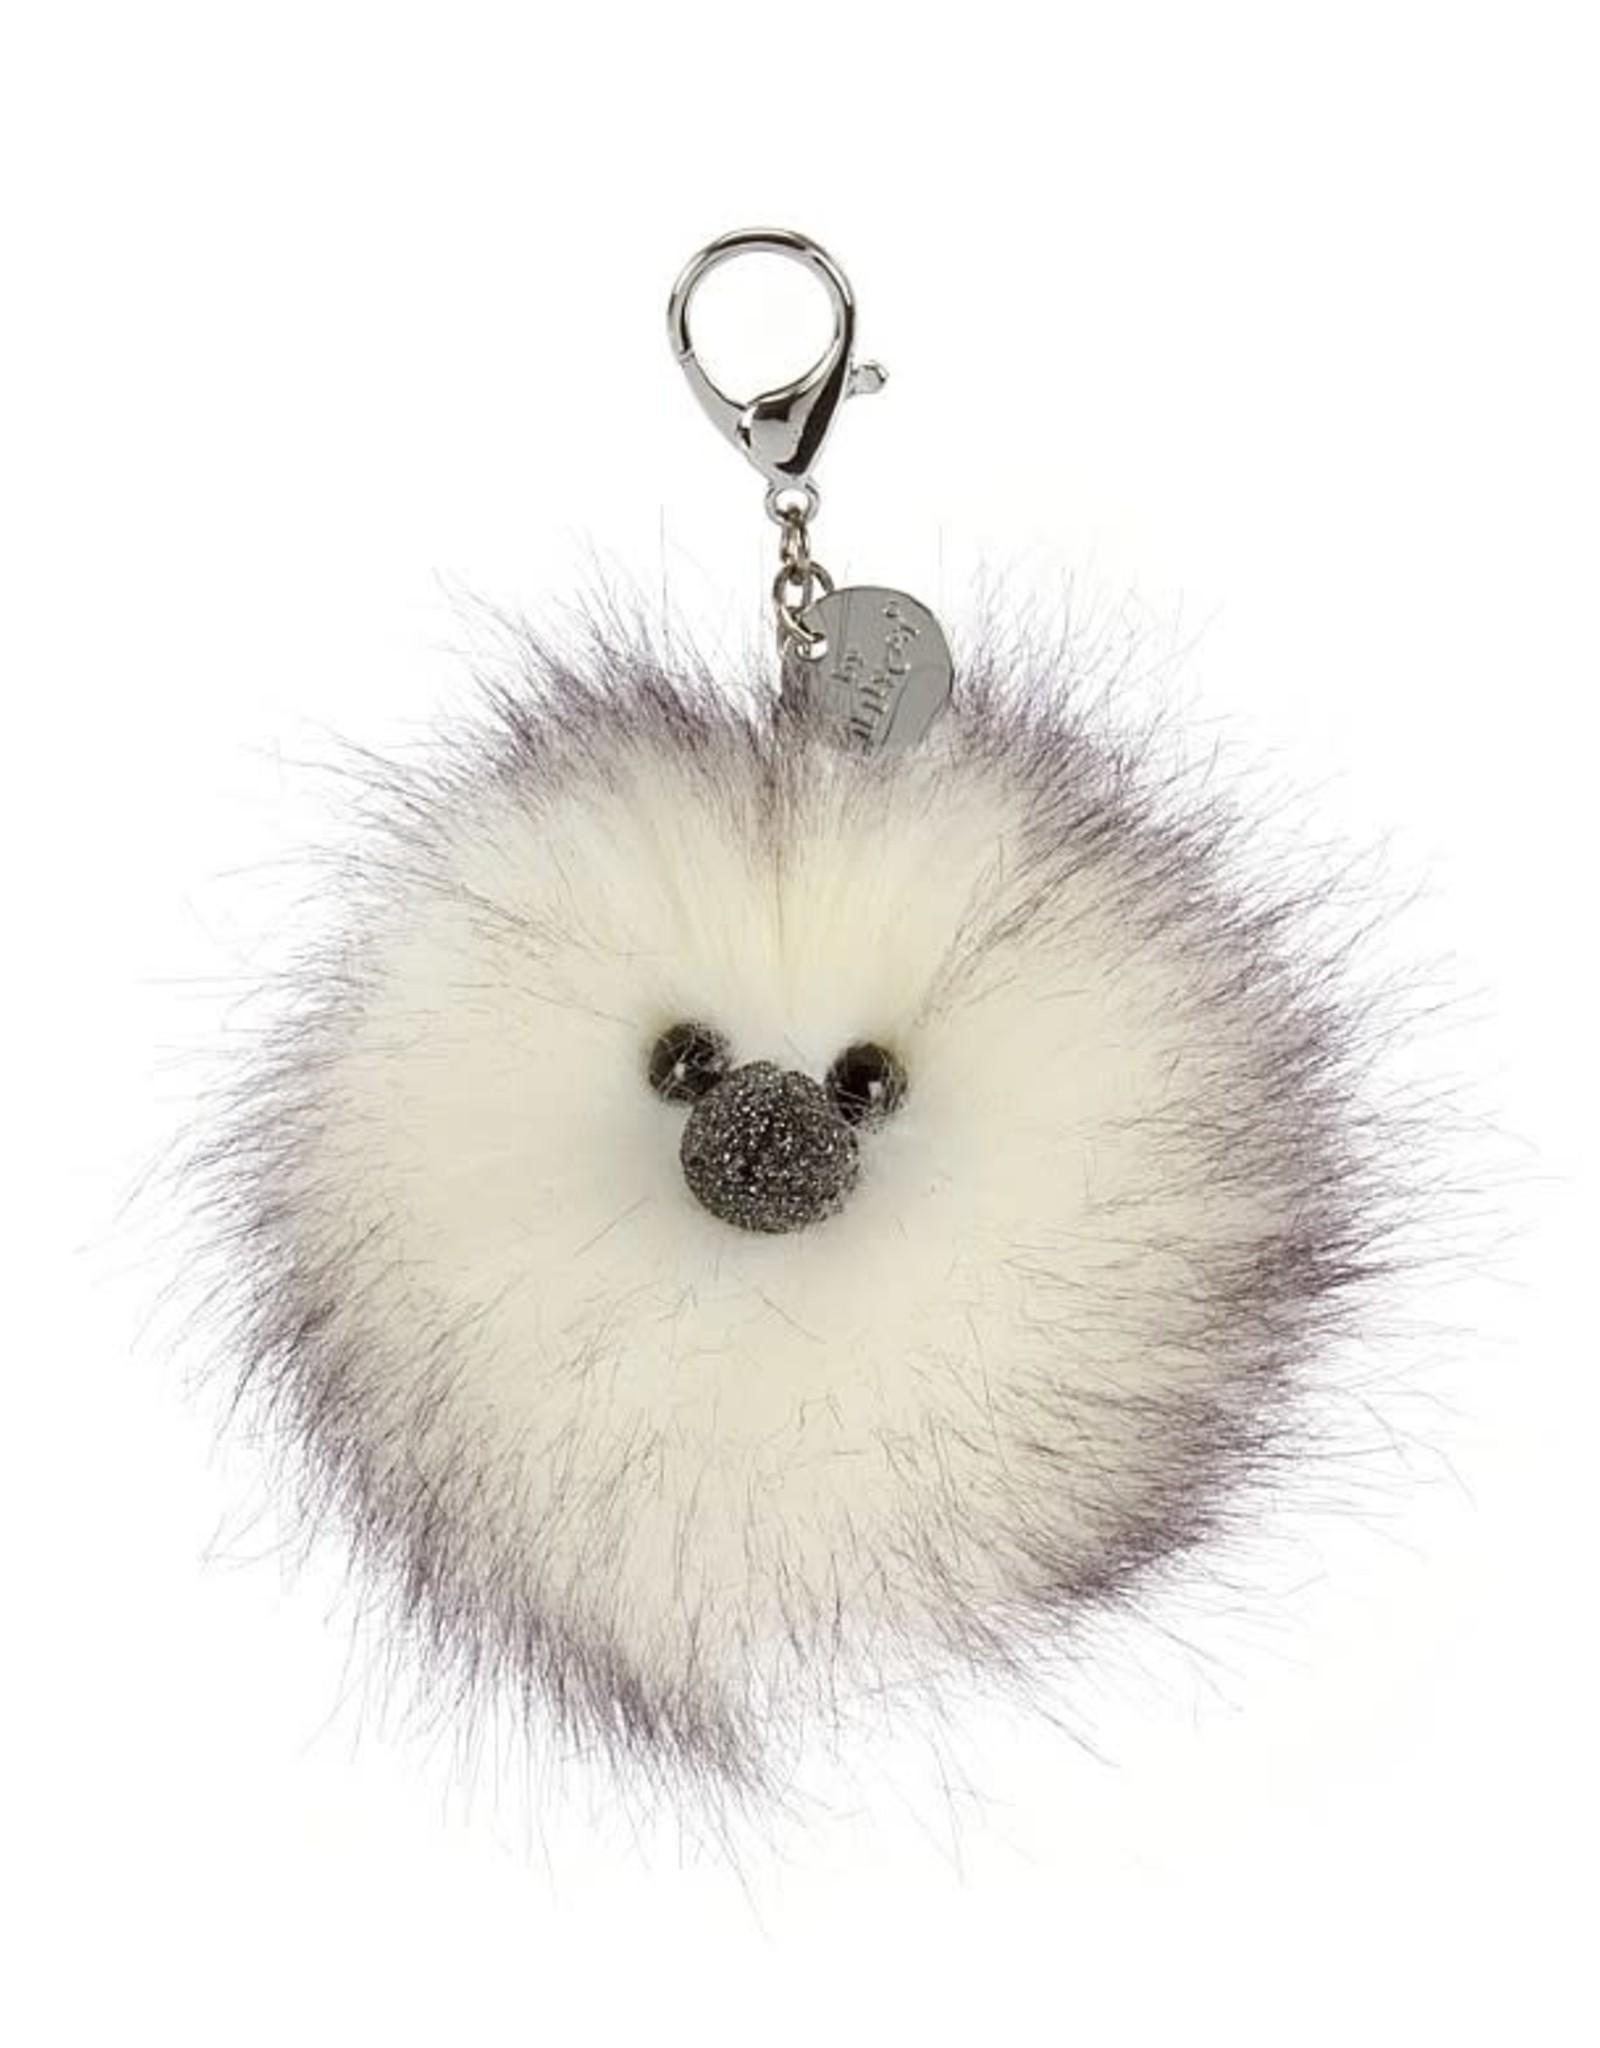 Jellycat Dazzle Pom Bag Charm